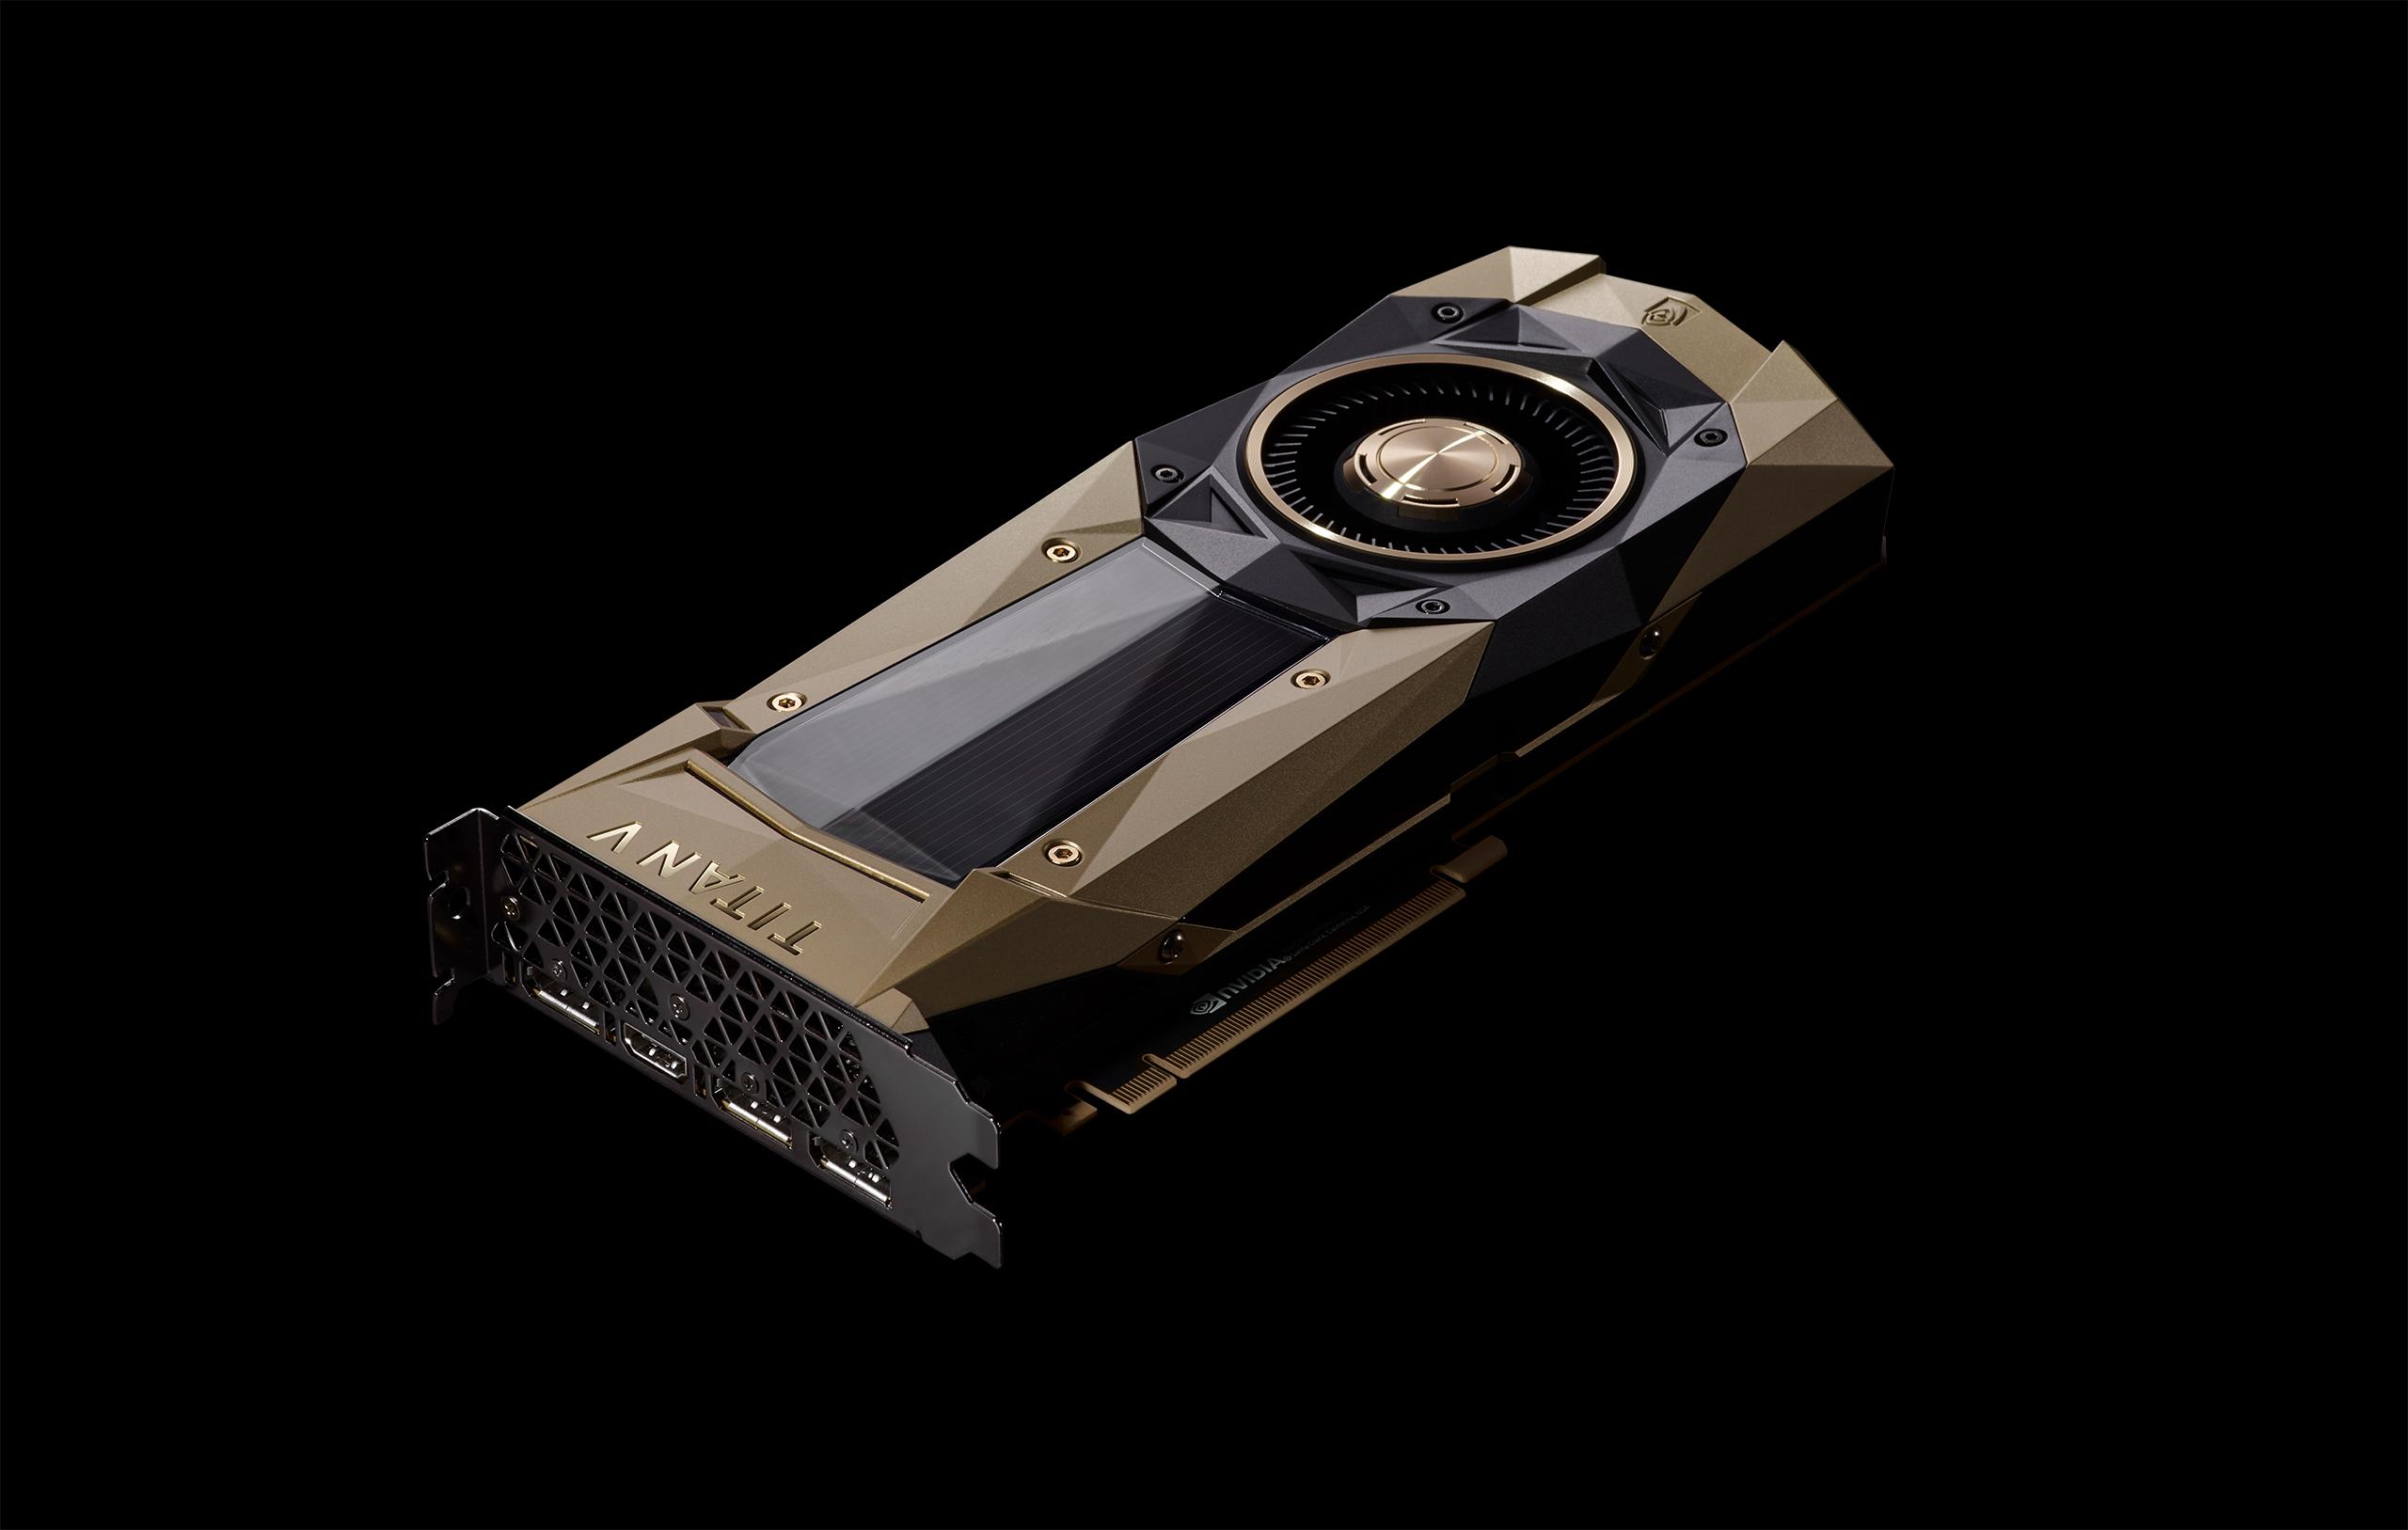 NVIDIA Titan V GPU card